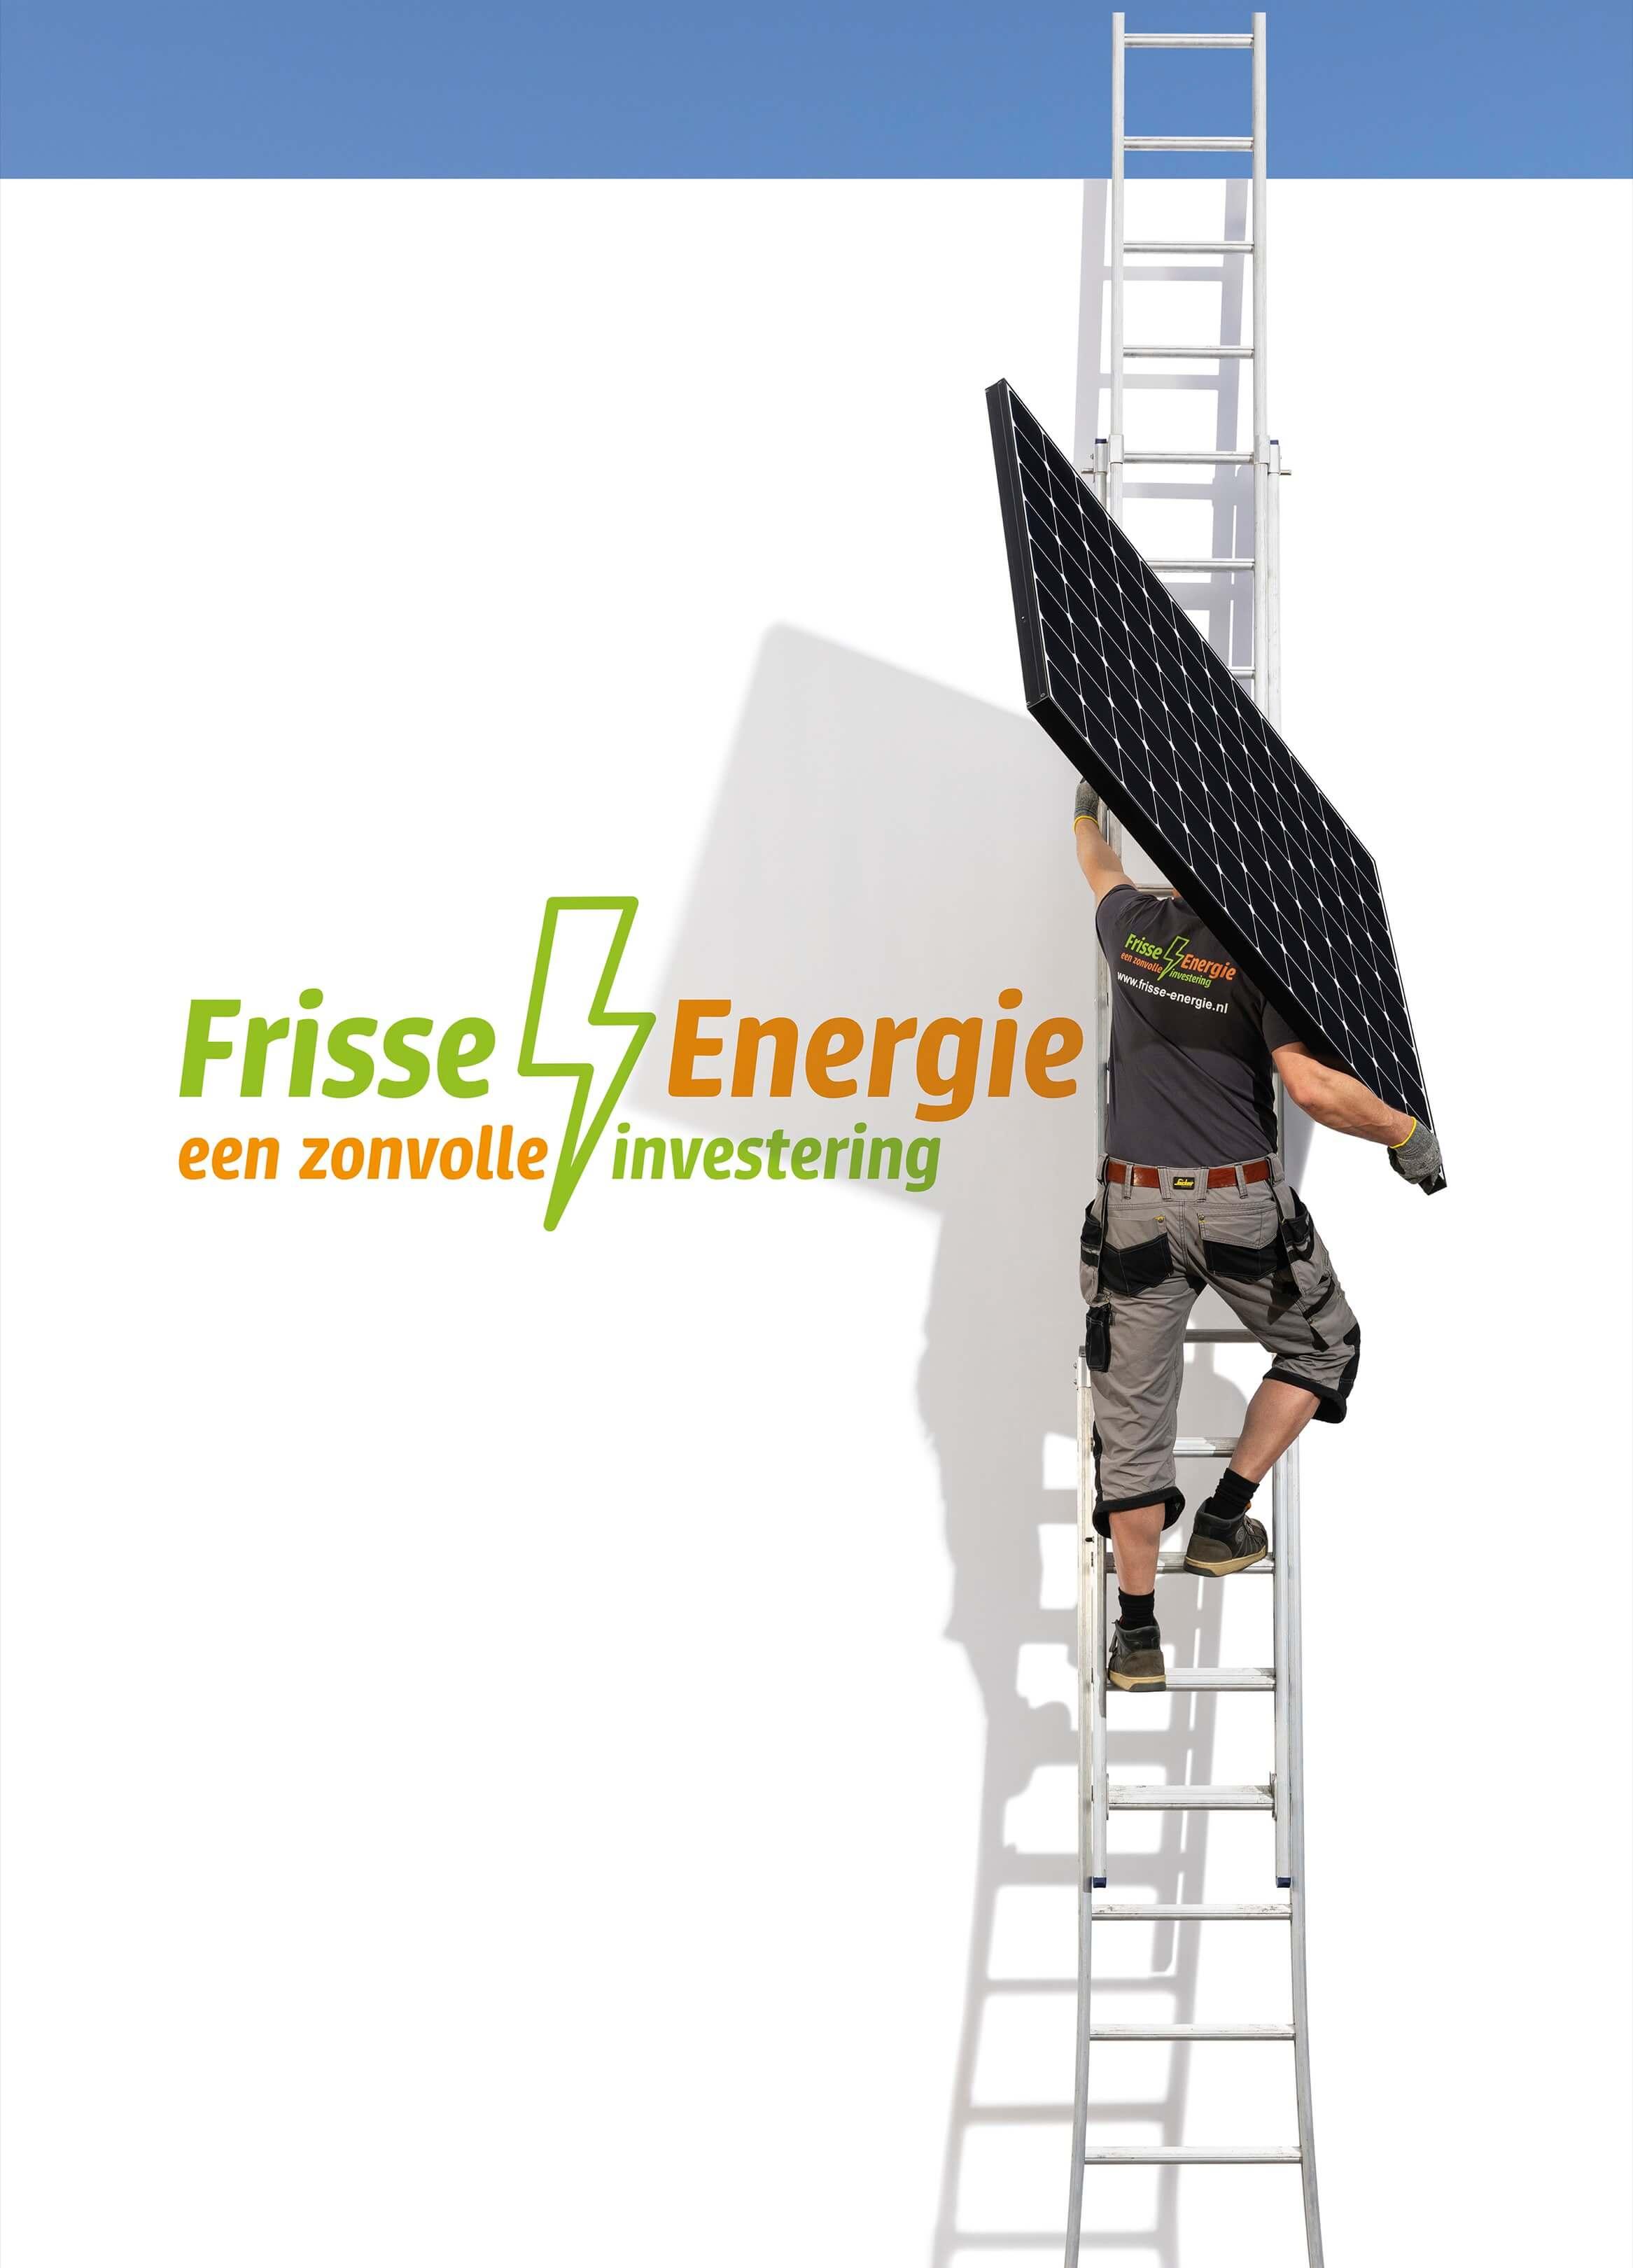 Frisse energie Jurjen Poeles fotografie campagne Arnhem billboard wildplakken grootformaat zonnepanelen groene energie